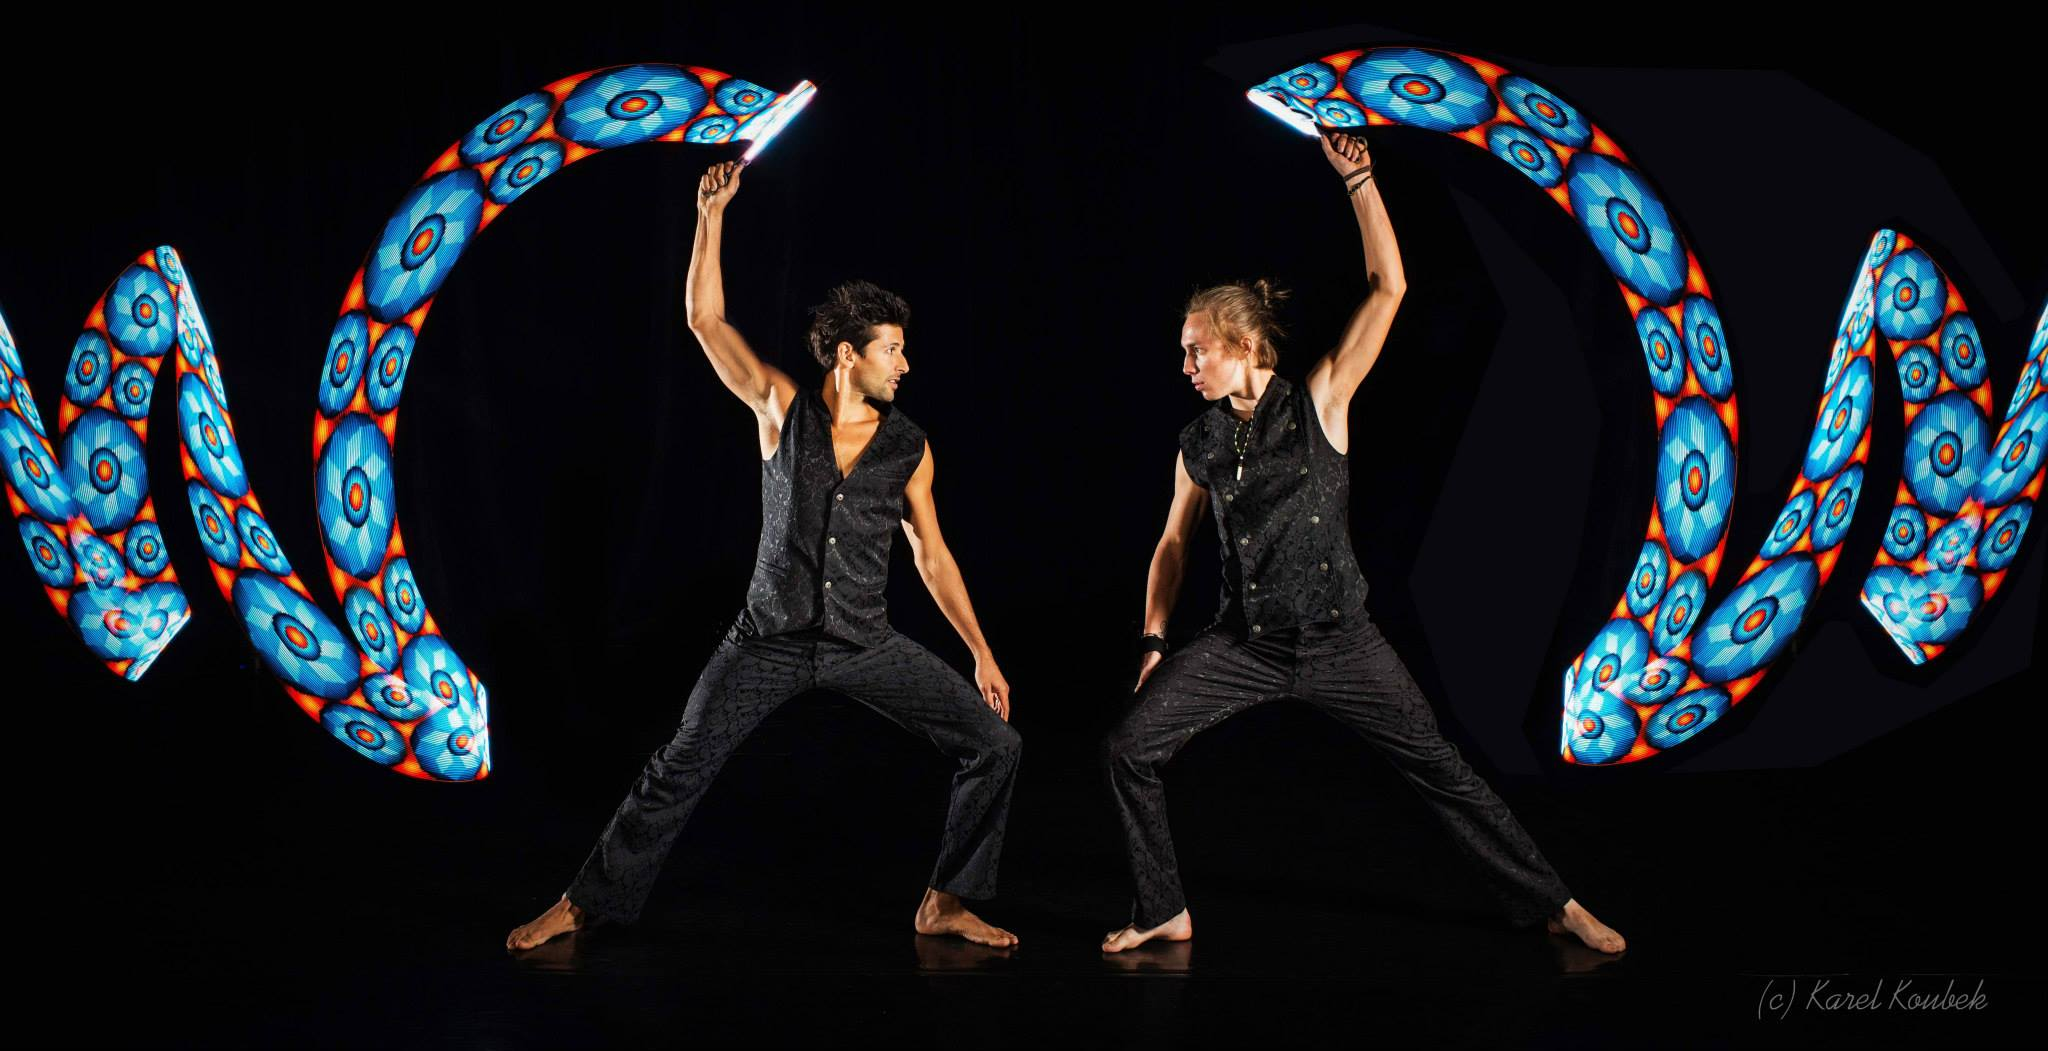 Vojta and Srikanta Barefoot